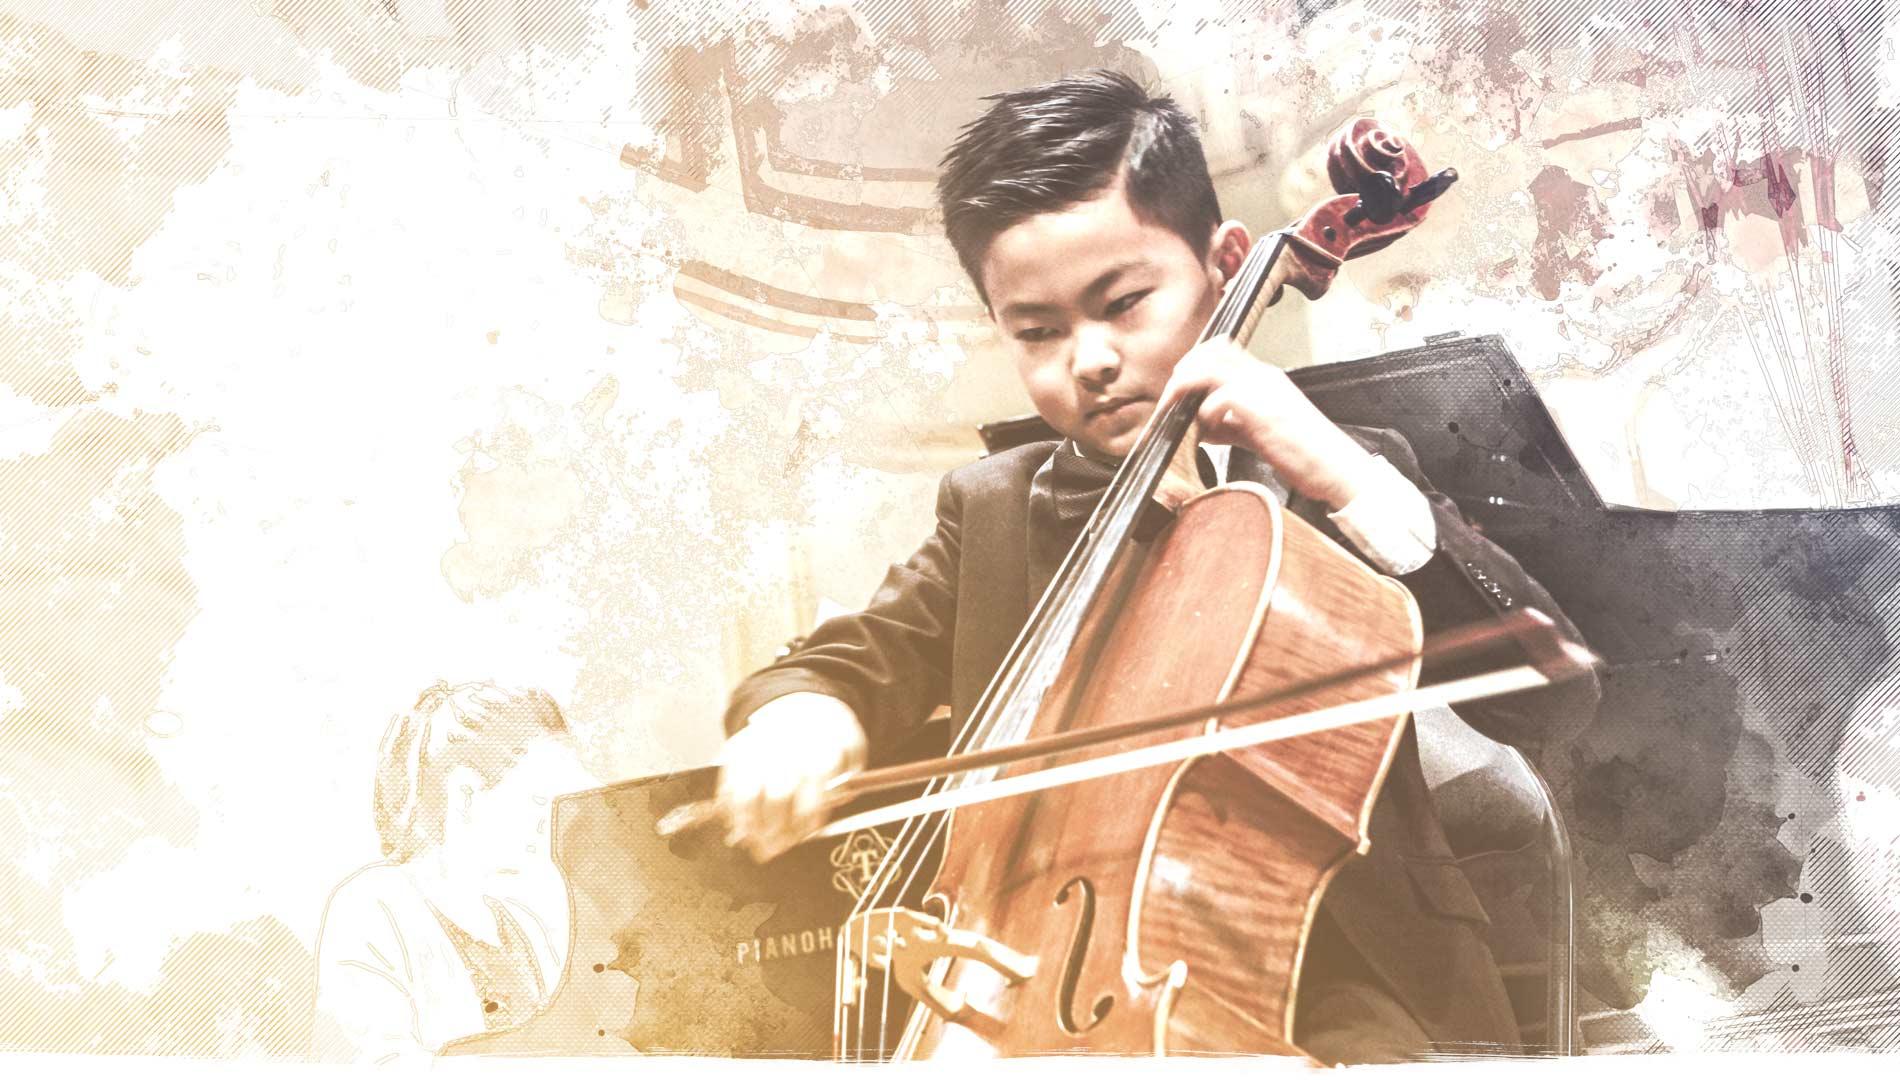 Hamburger-Instrumental-Wettbewerb-Konzert-der-Kinder_Slideshow_1_neu